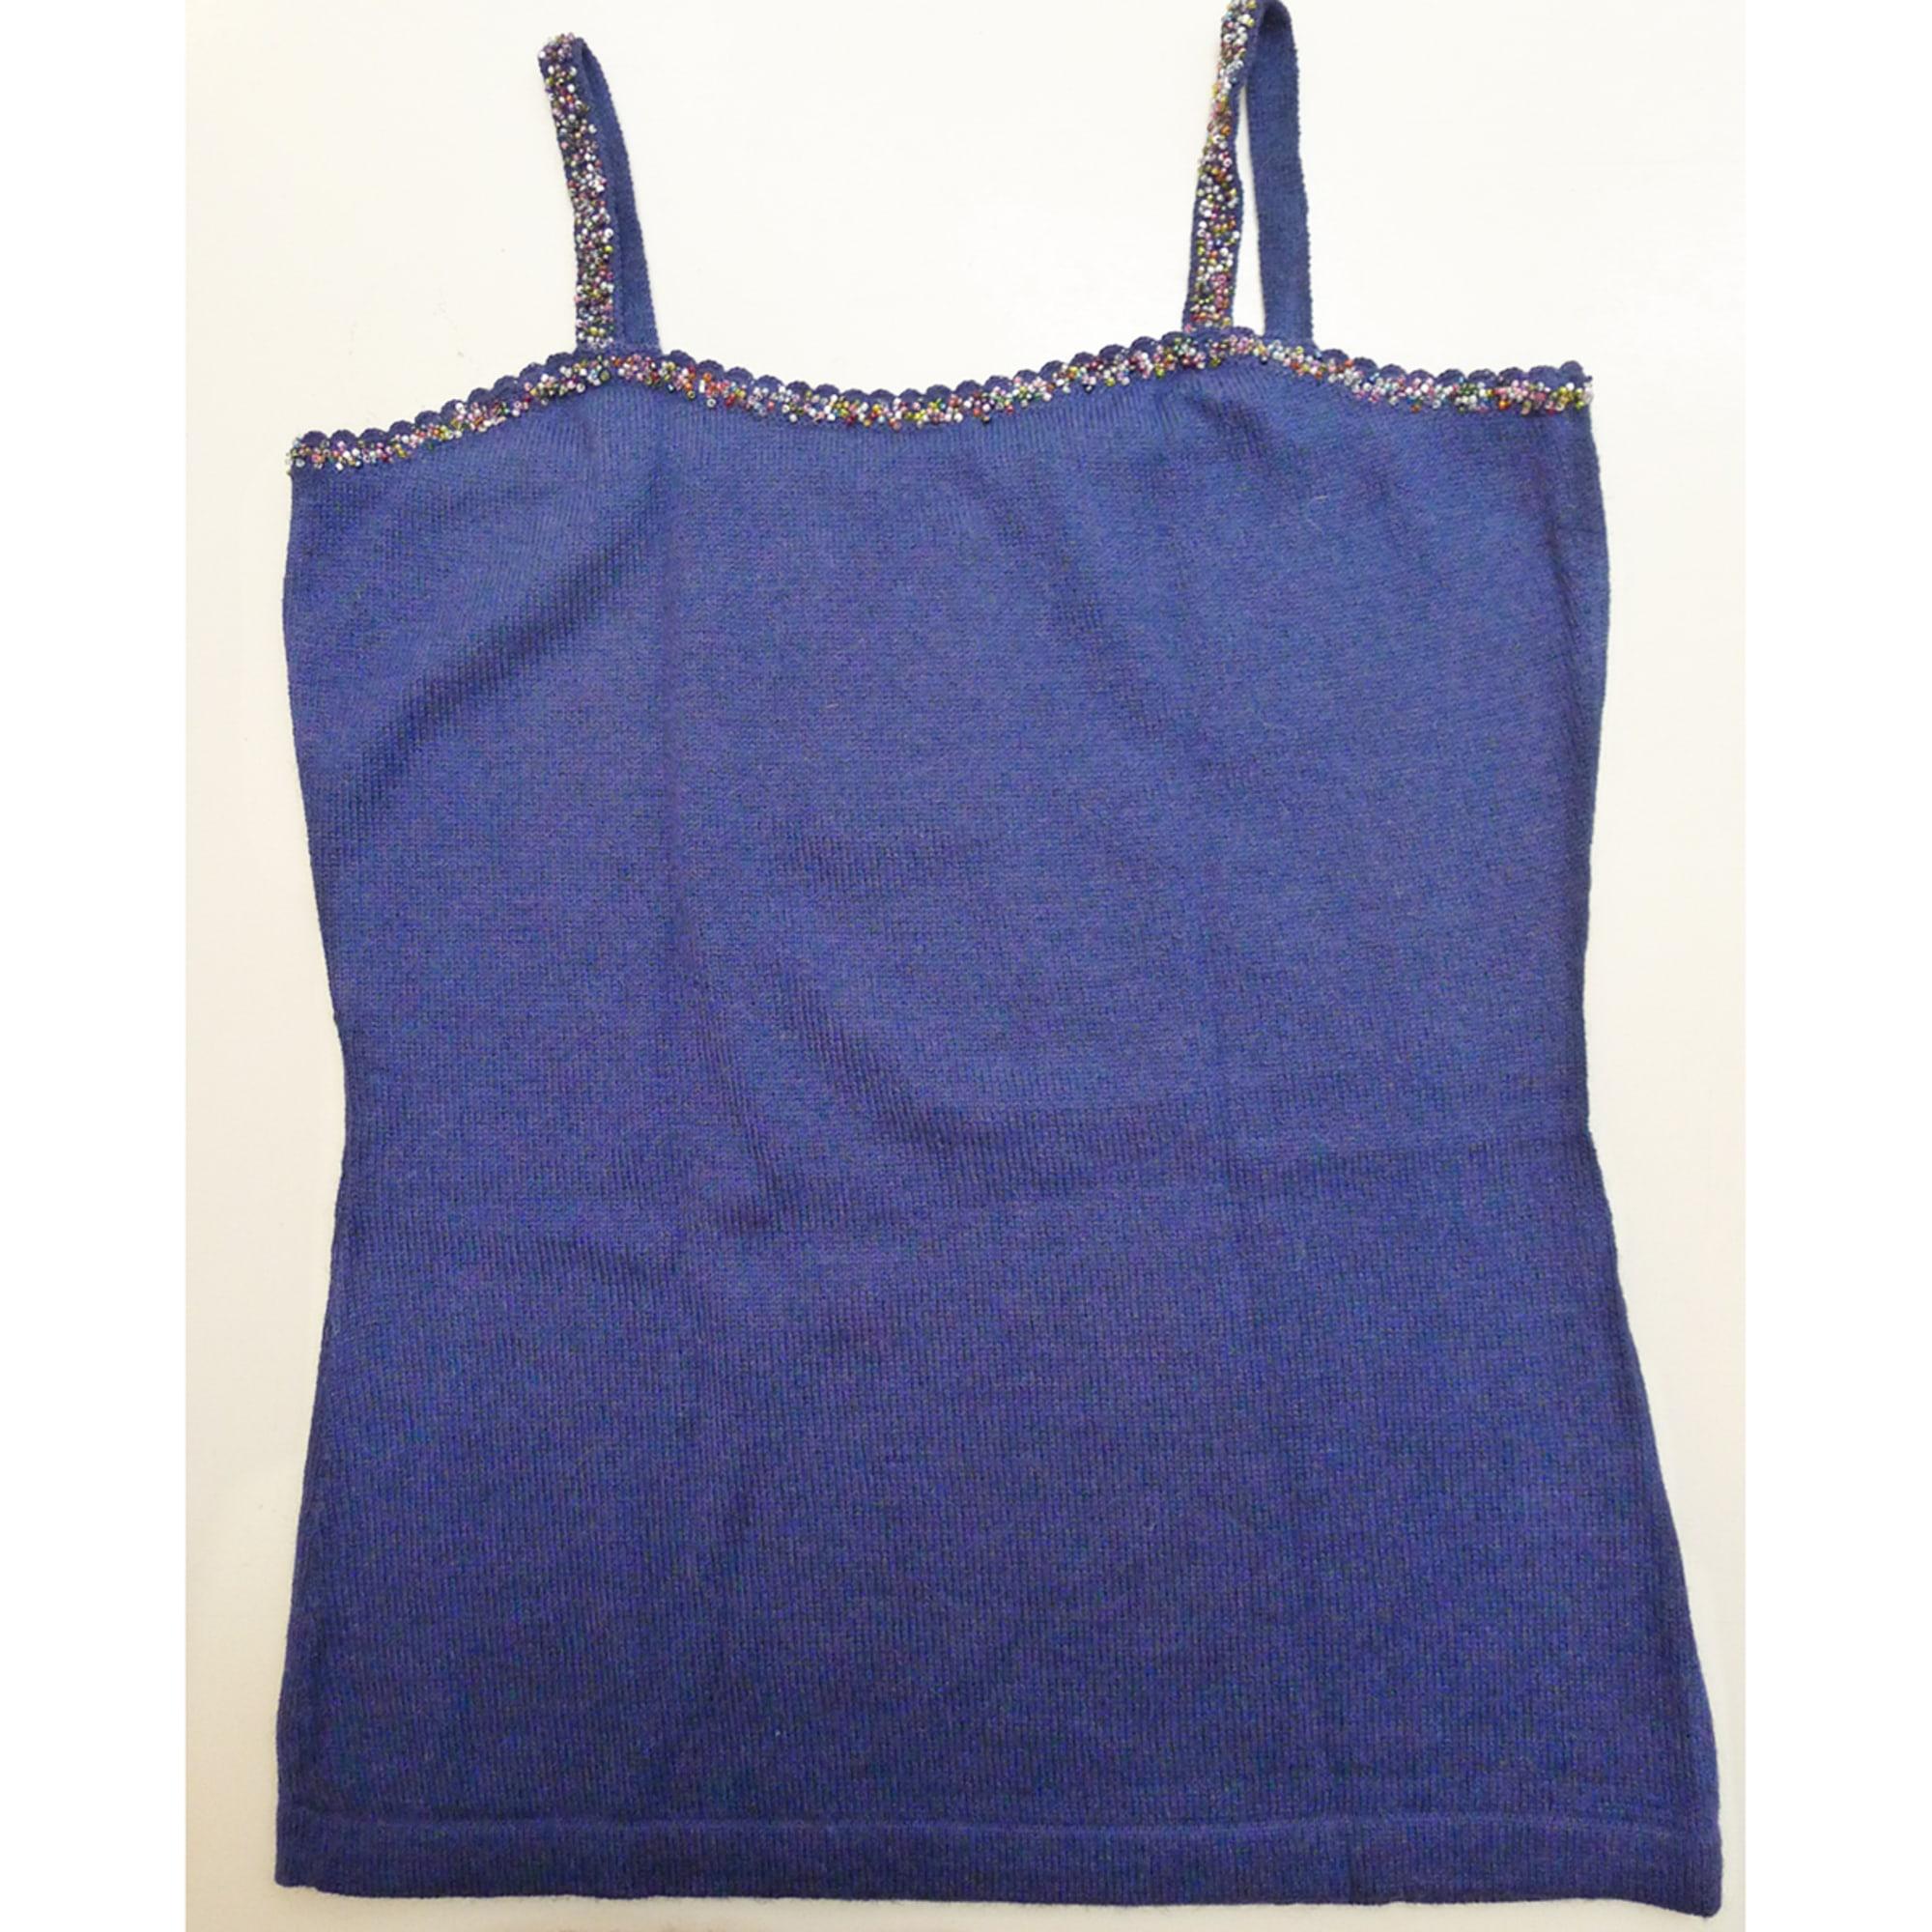 Top, tee-shirt ALPACA STUDIO Bleu, bleu marine, bleu turquoise